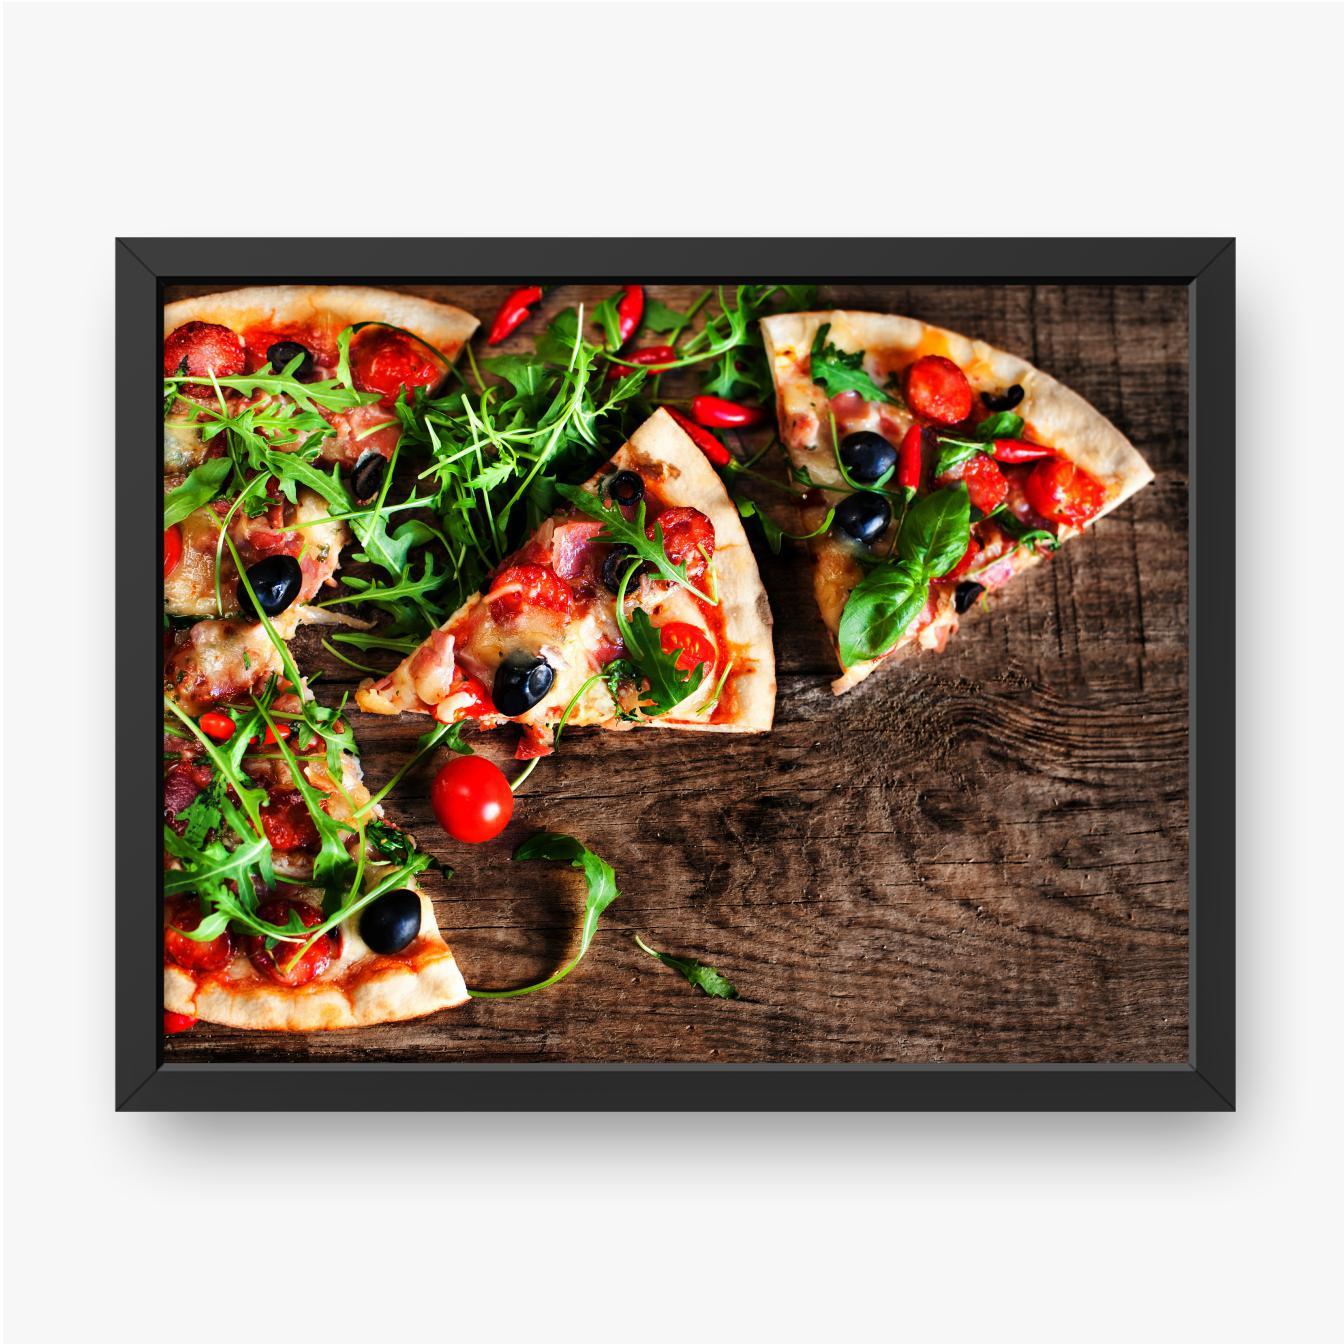 Pizza mit Rucola auf einem Holztisch